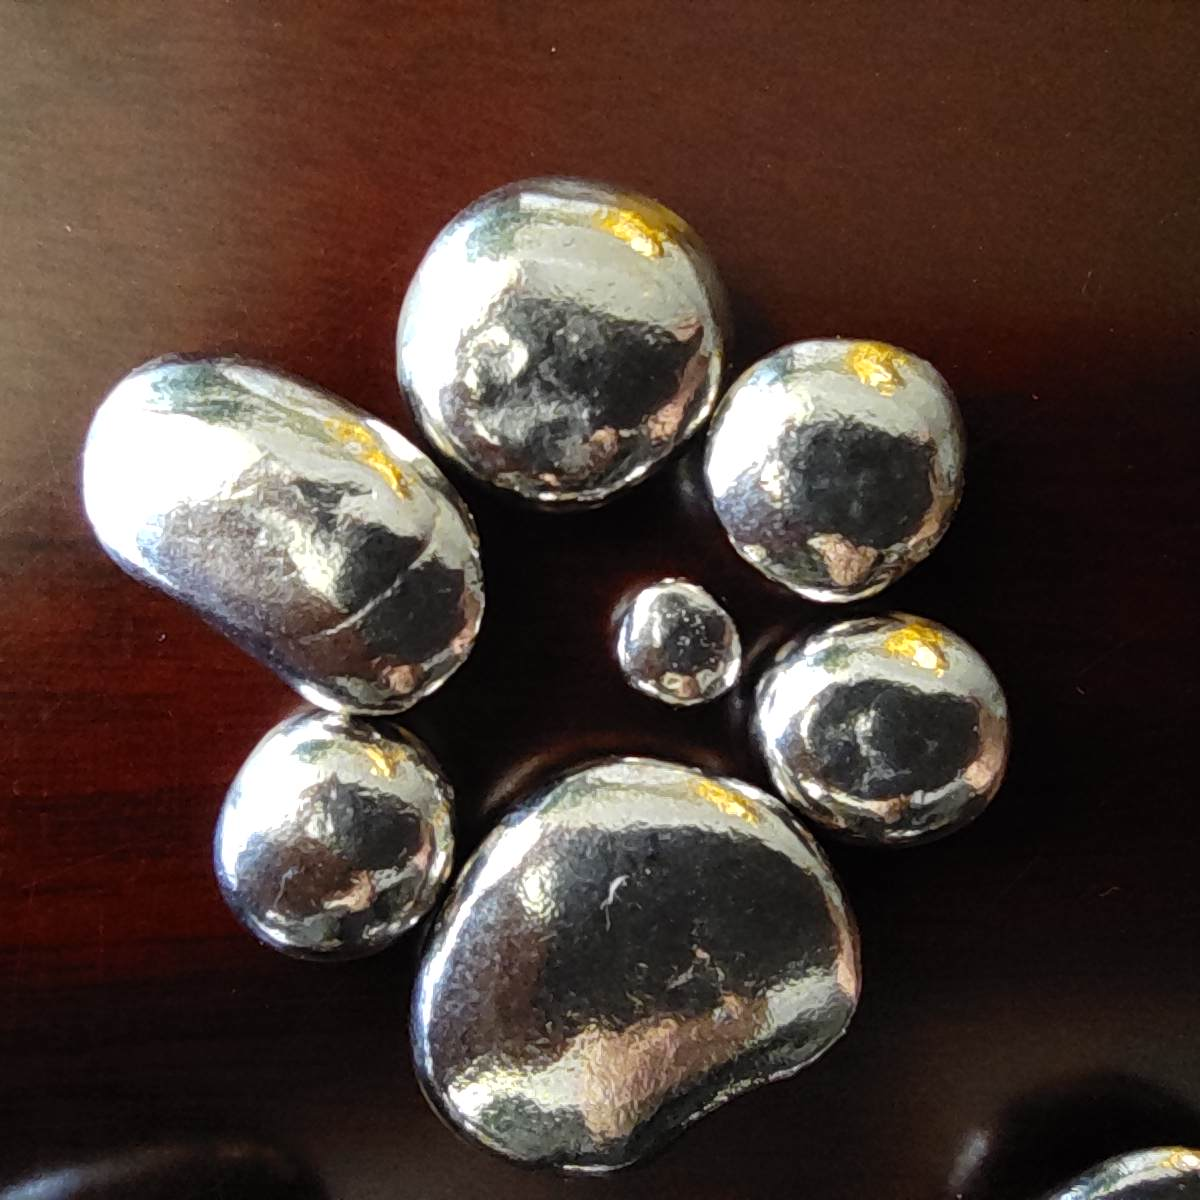 氯铱酸铵回收价格 铱鼎锋本地回收出价高价格